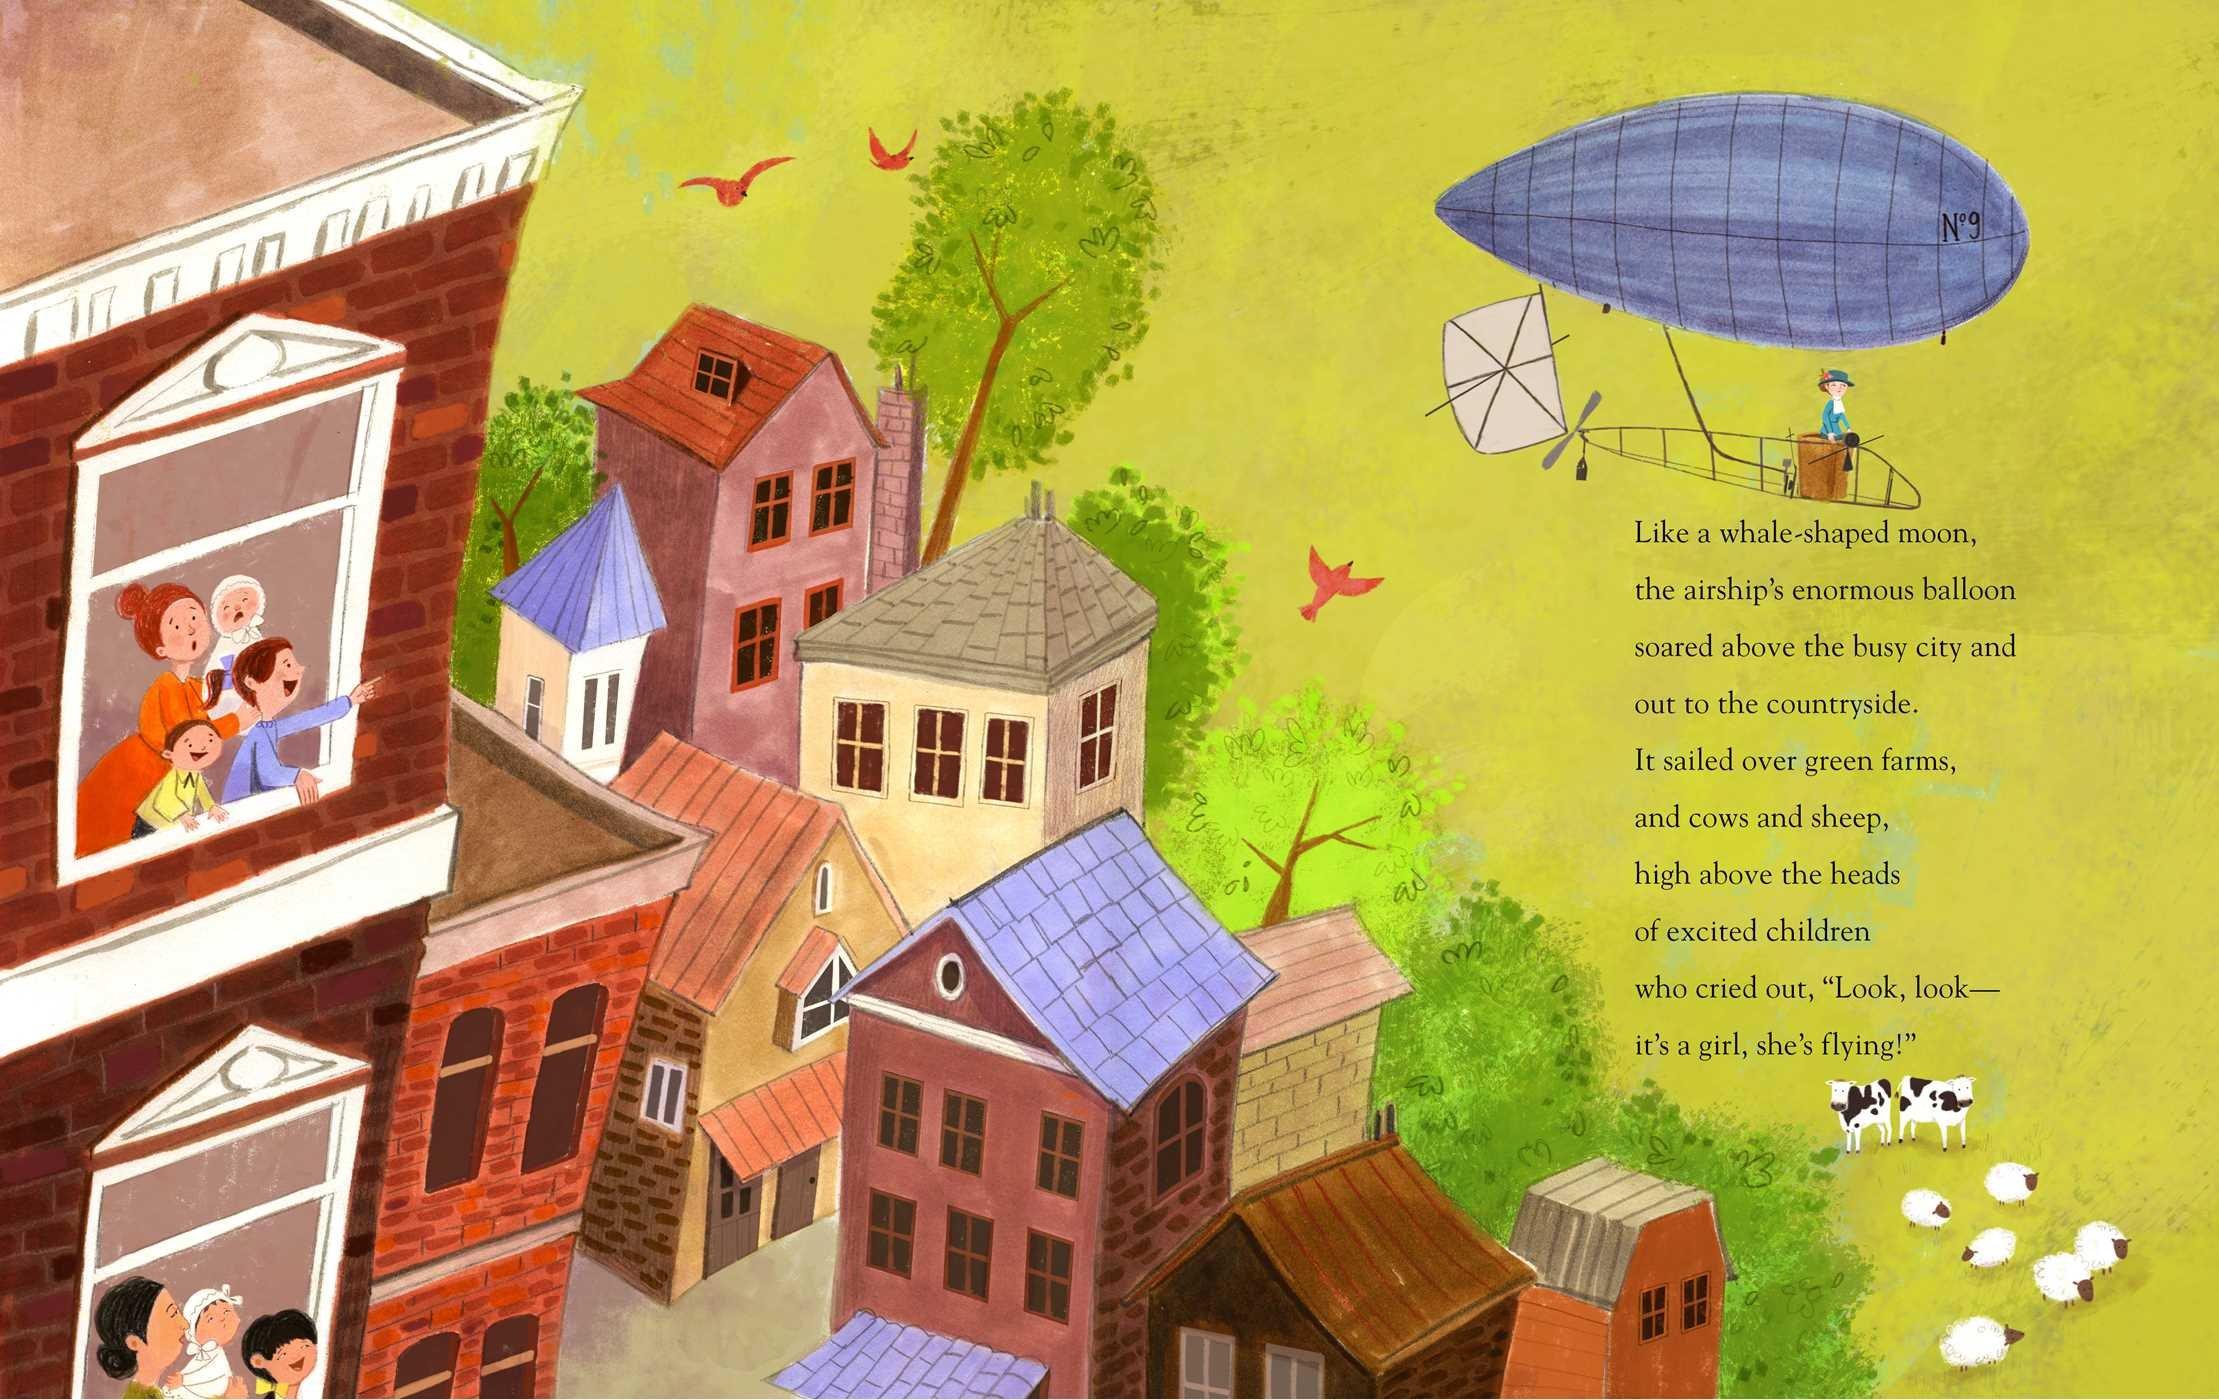 Image result for the flying girl margarita